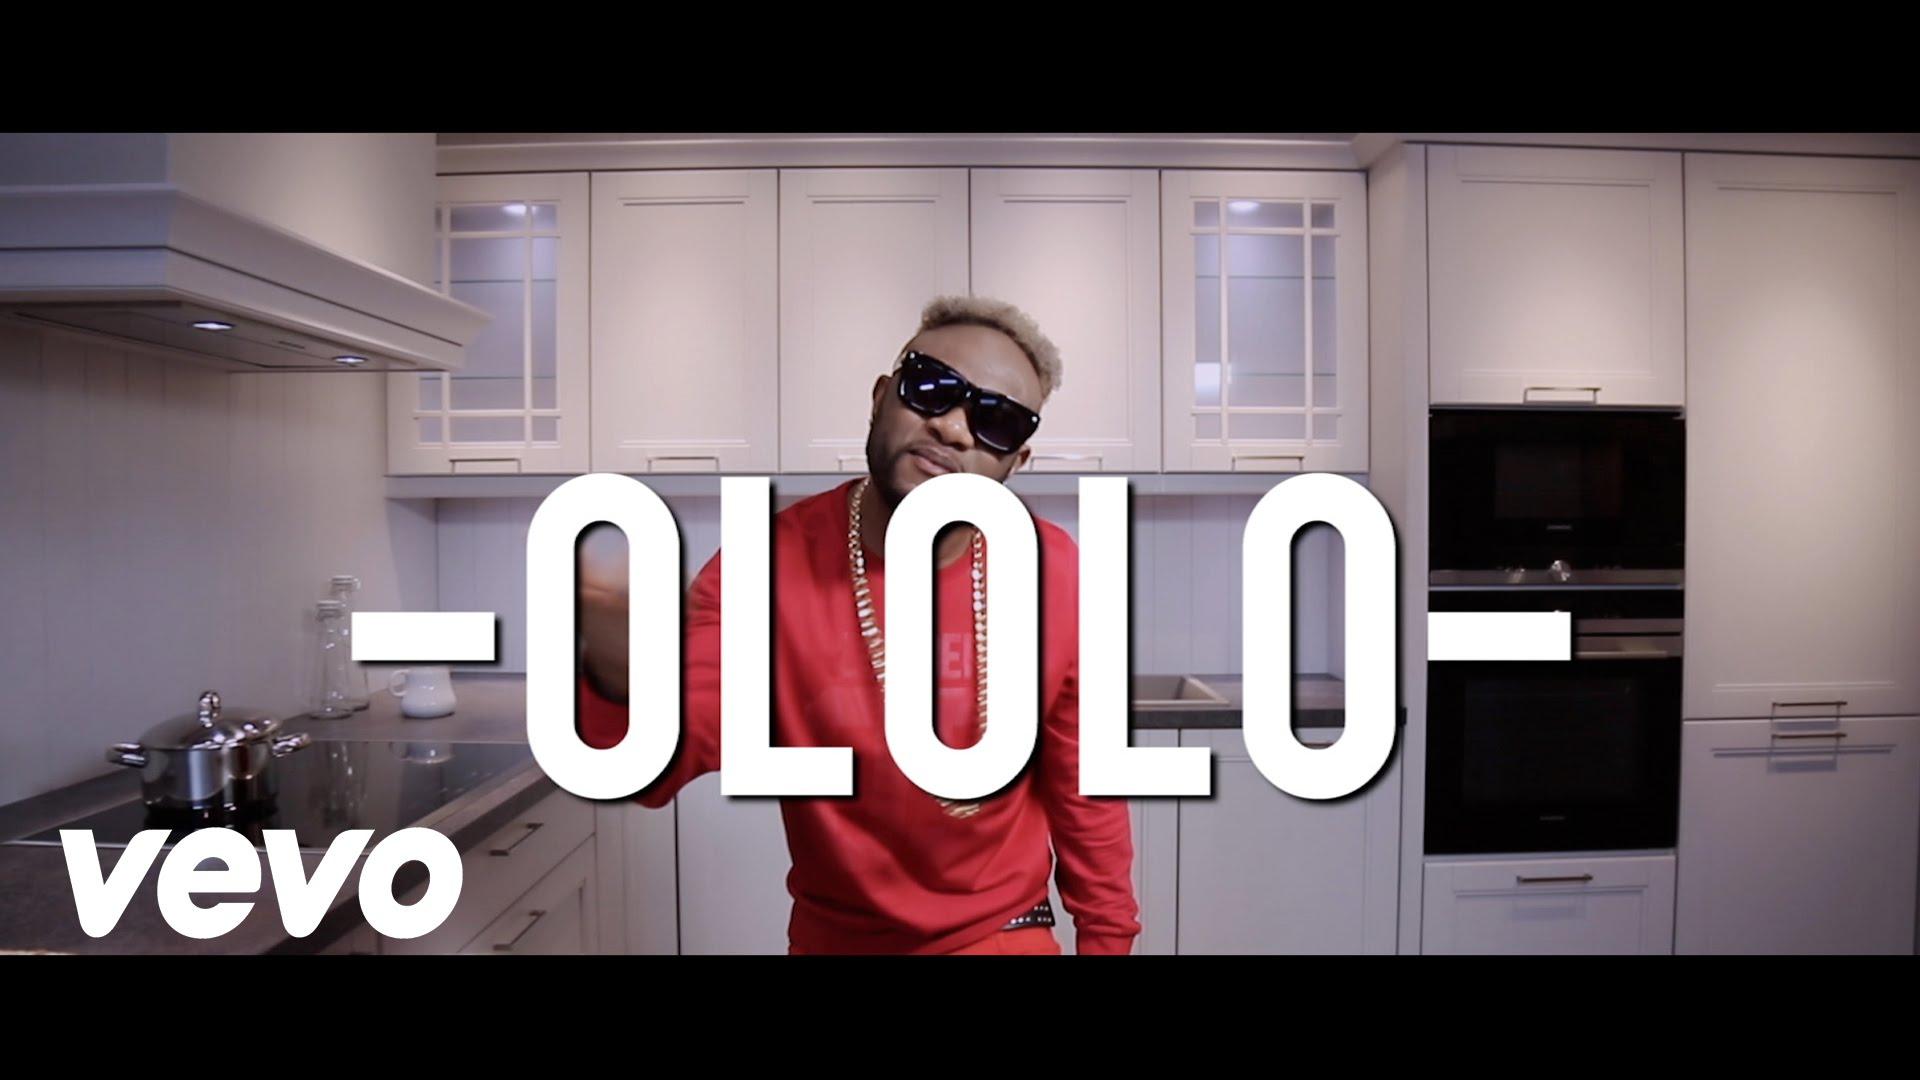 Ololo photo